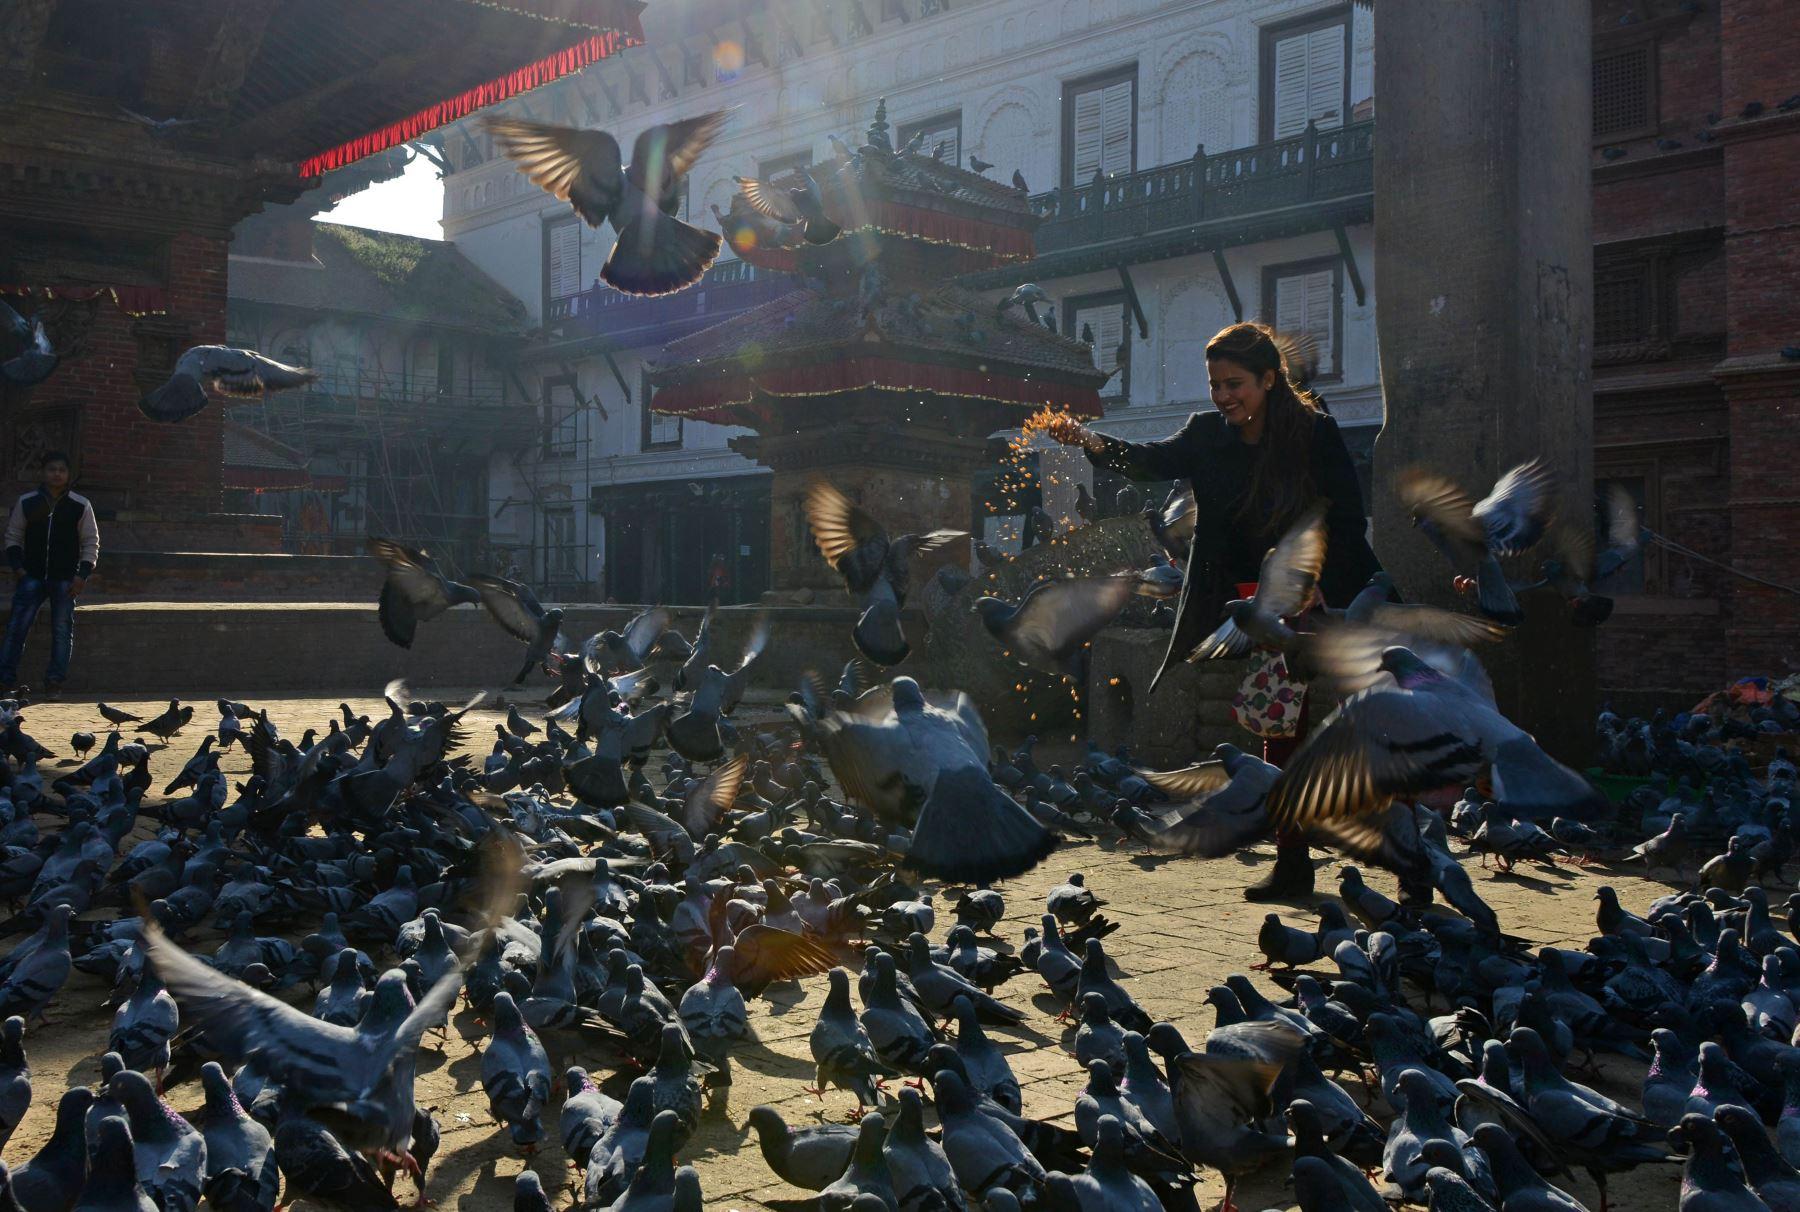 Una mujer nepalí alimenta palomas en la Plaza Durbar en Katmandú. Foto: AFP